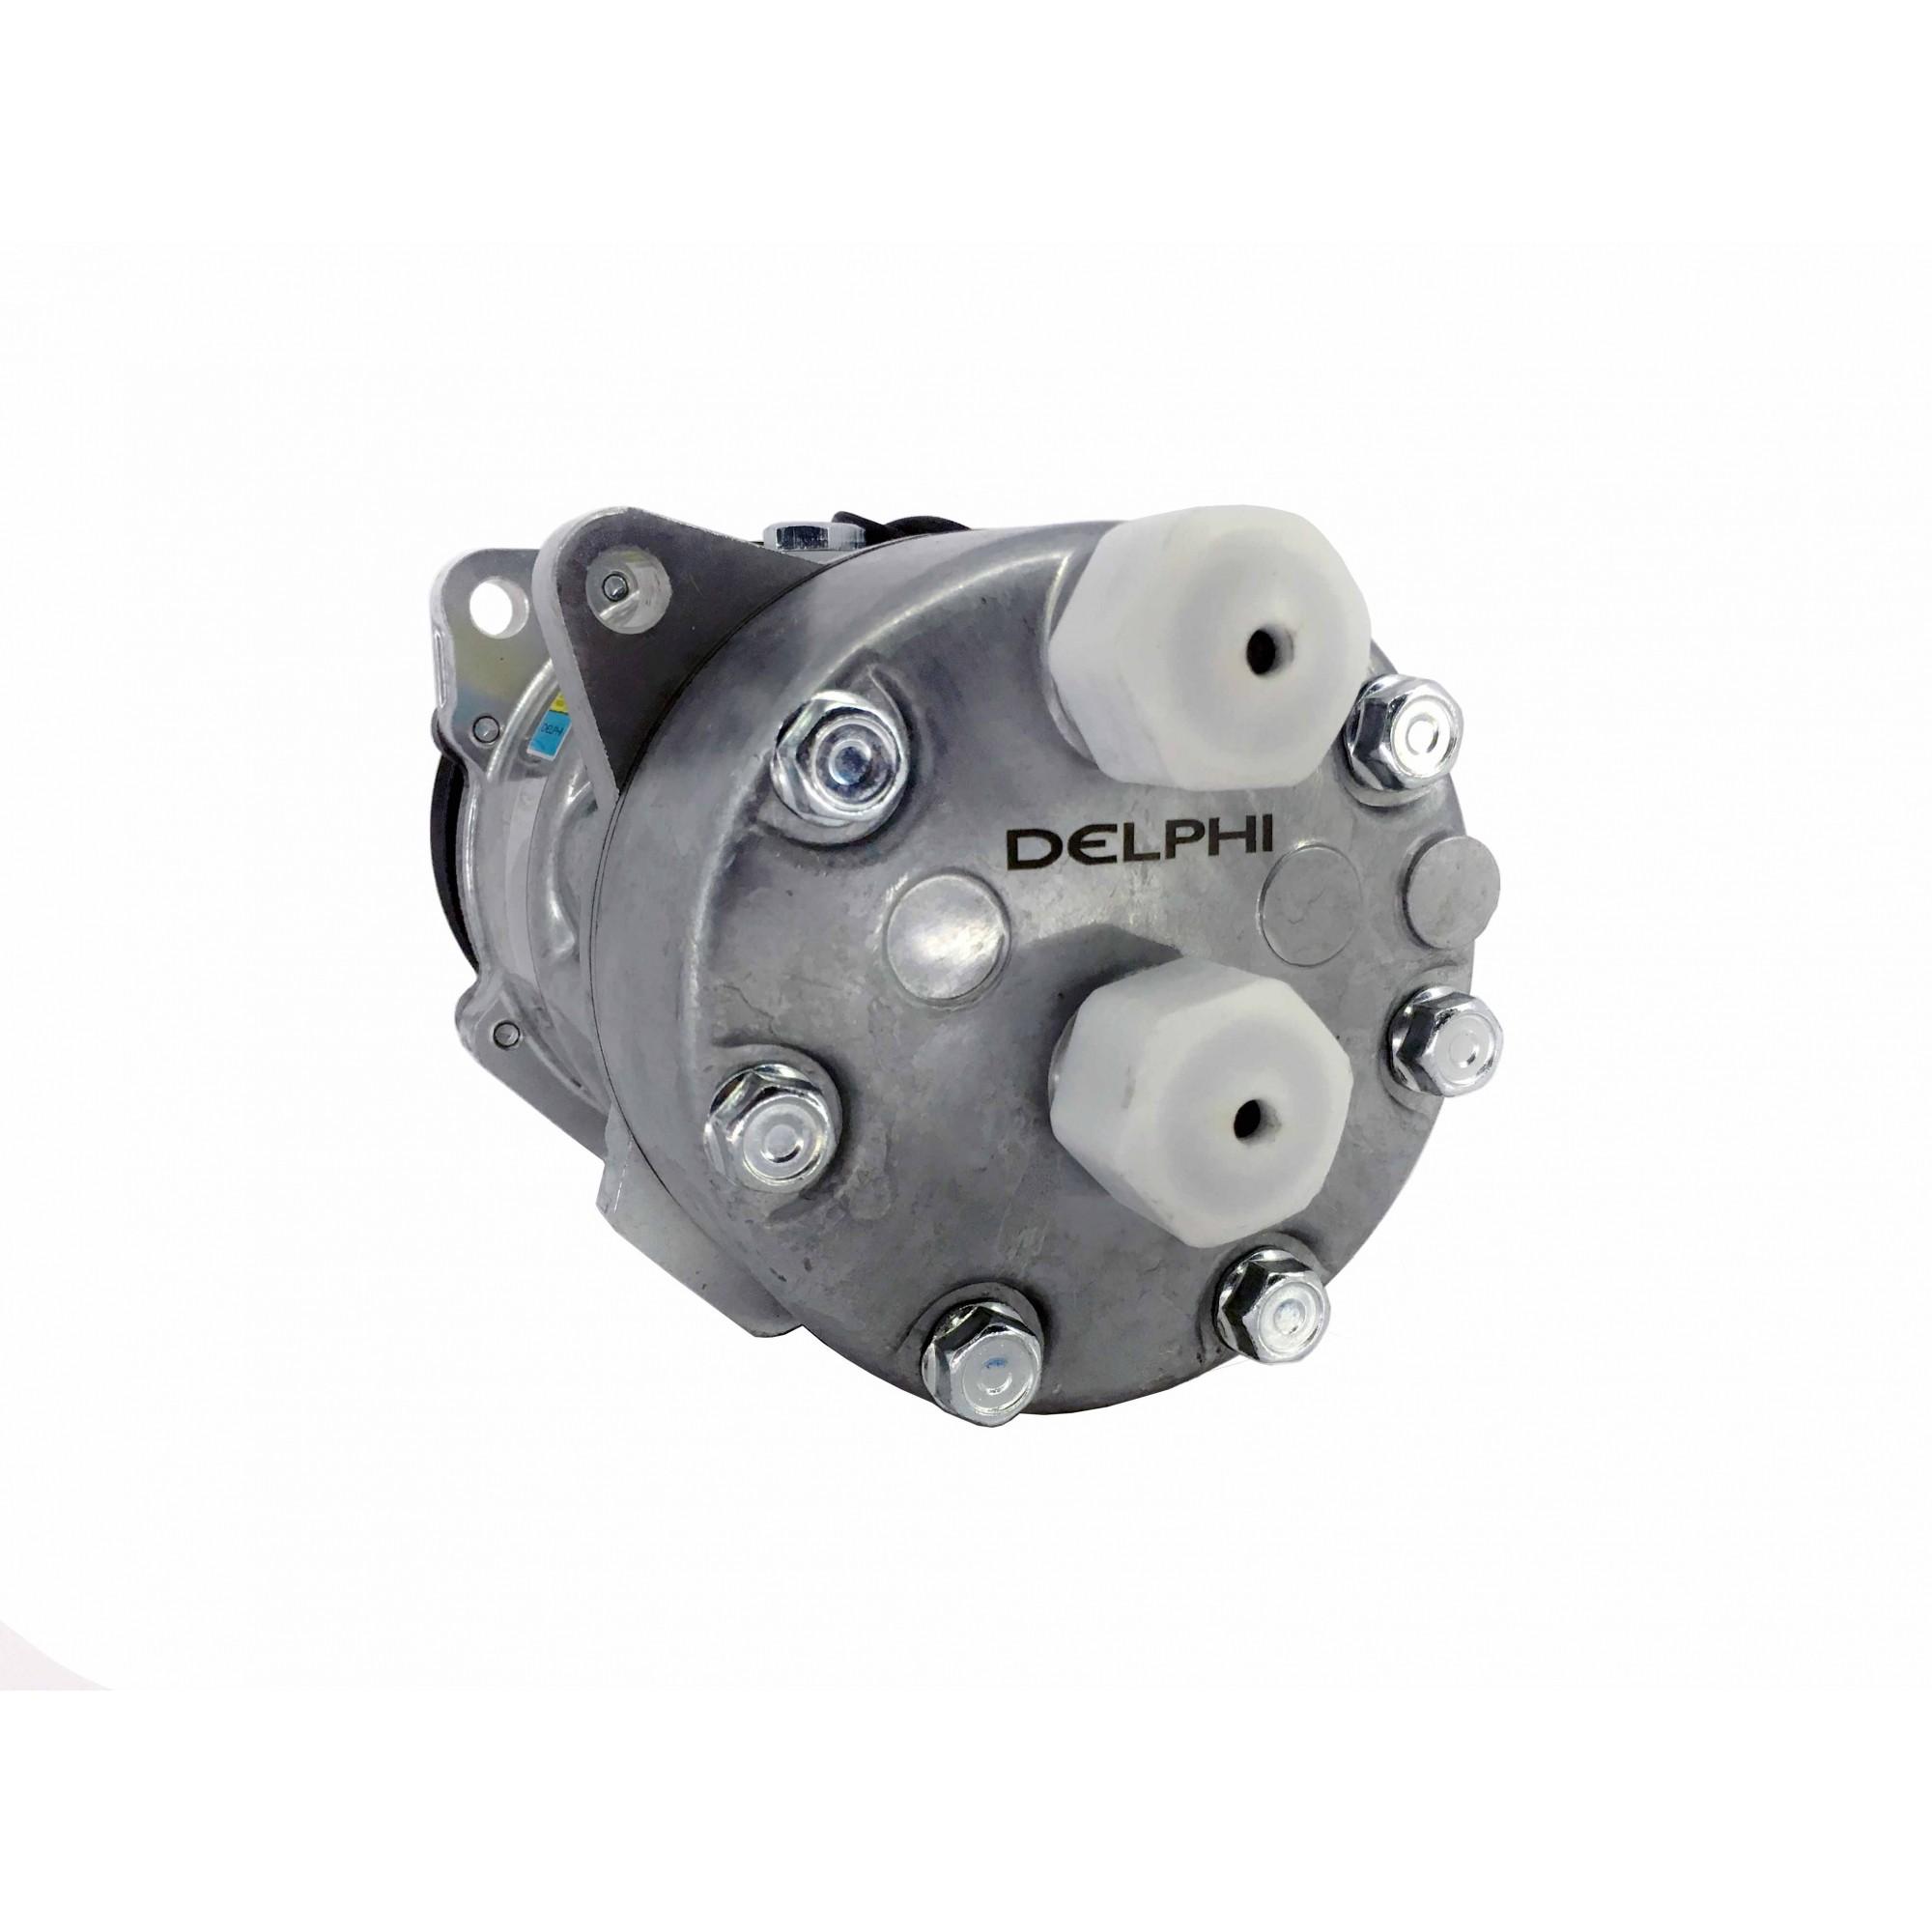 Compressor Ducato 2.8 - Original DELPHI